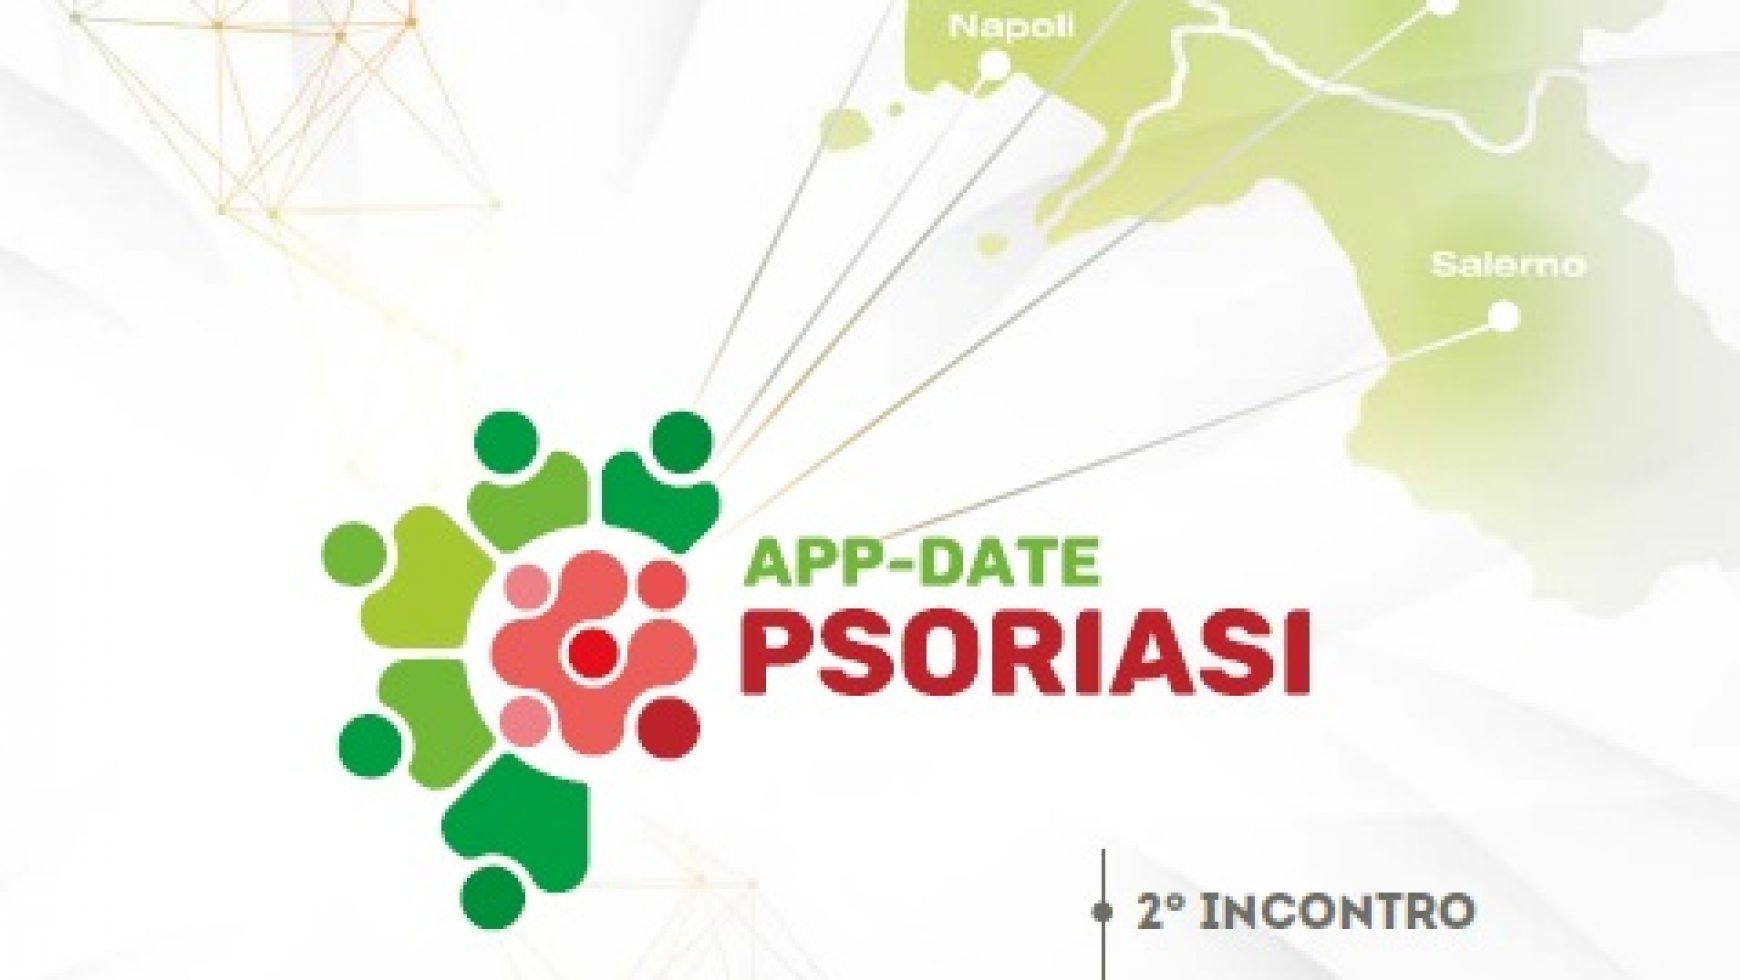 APP DATE PSORIASI